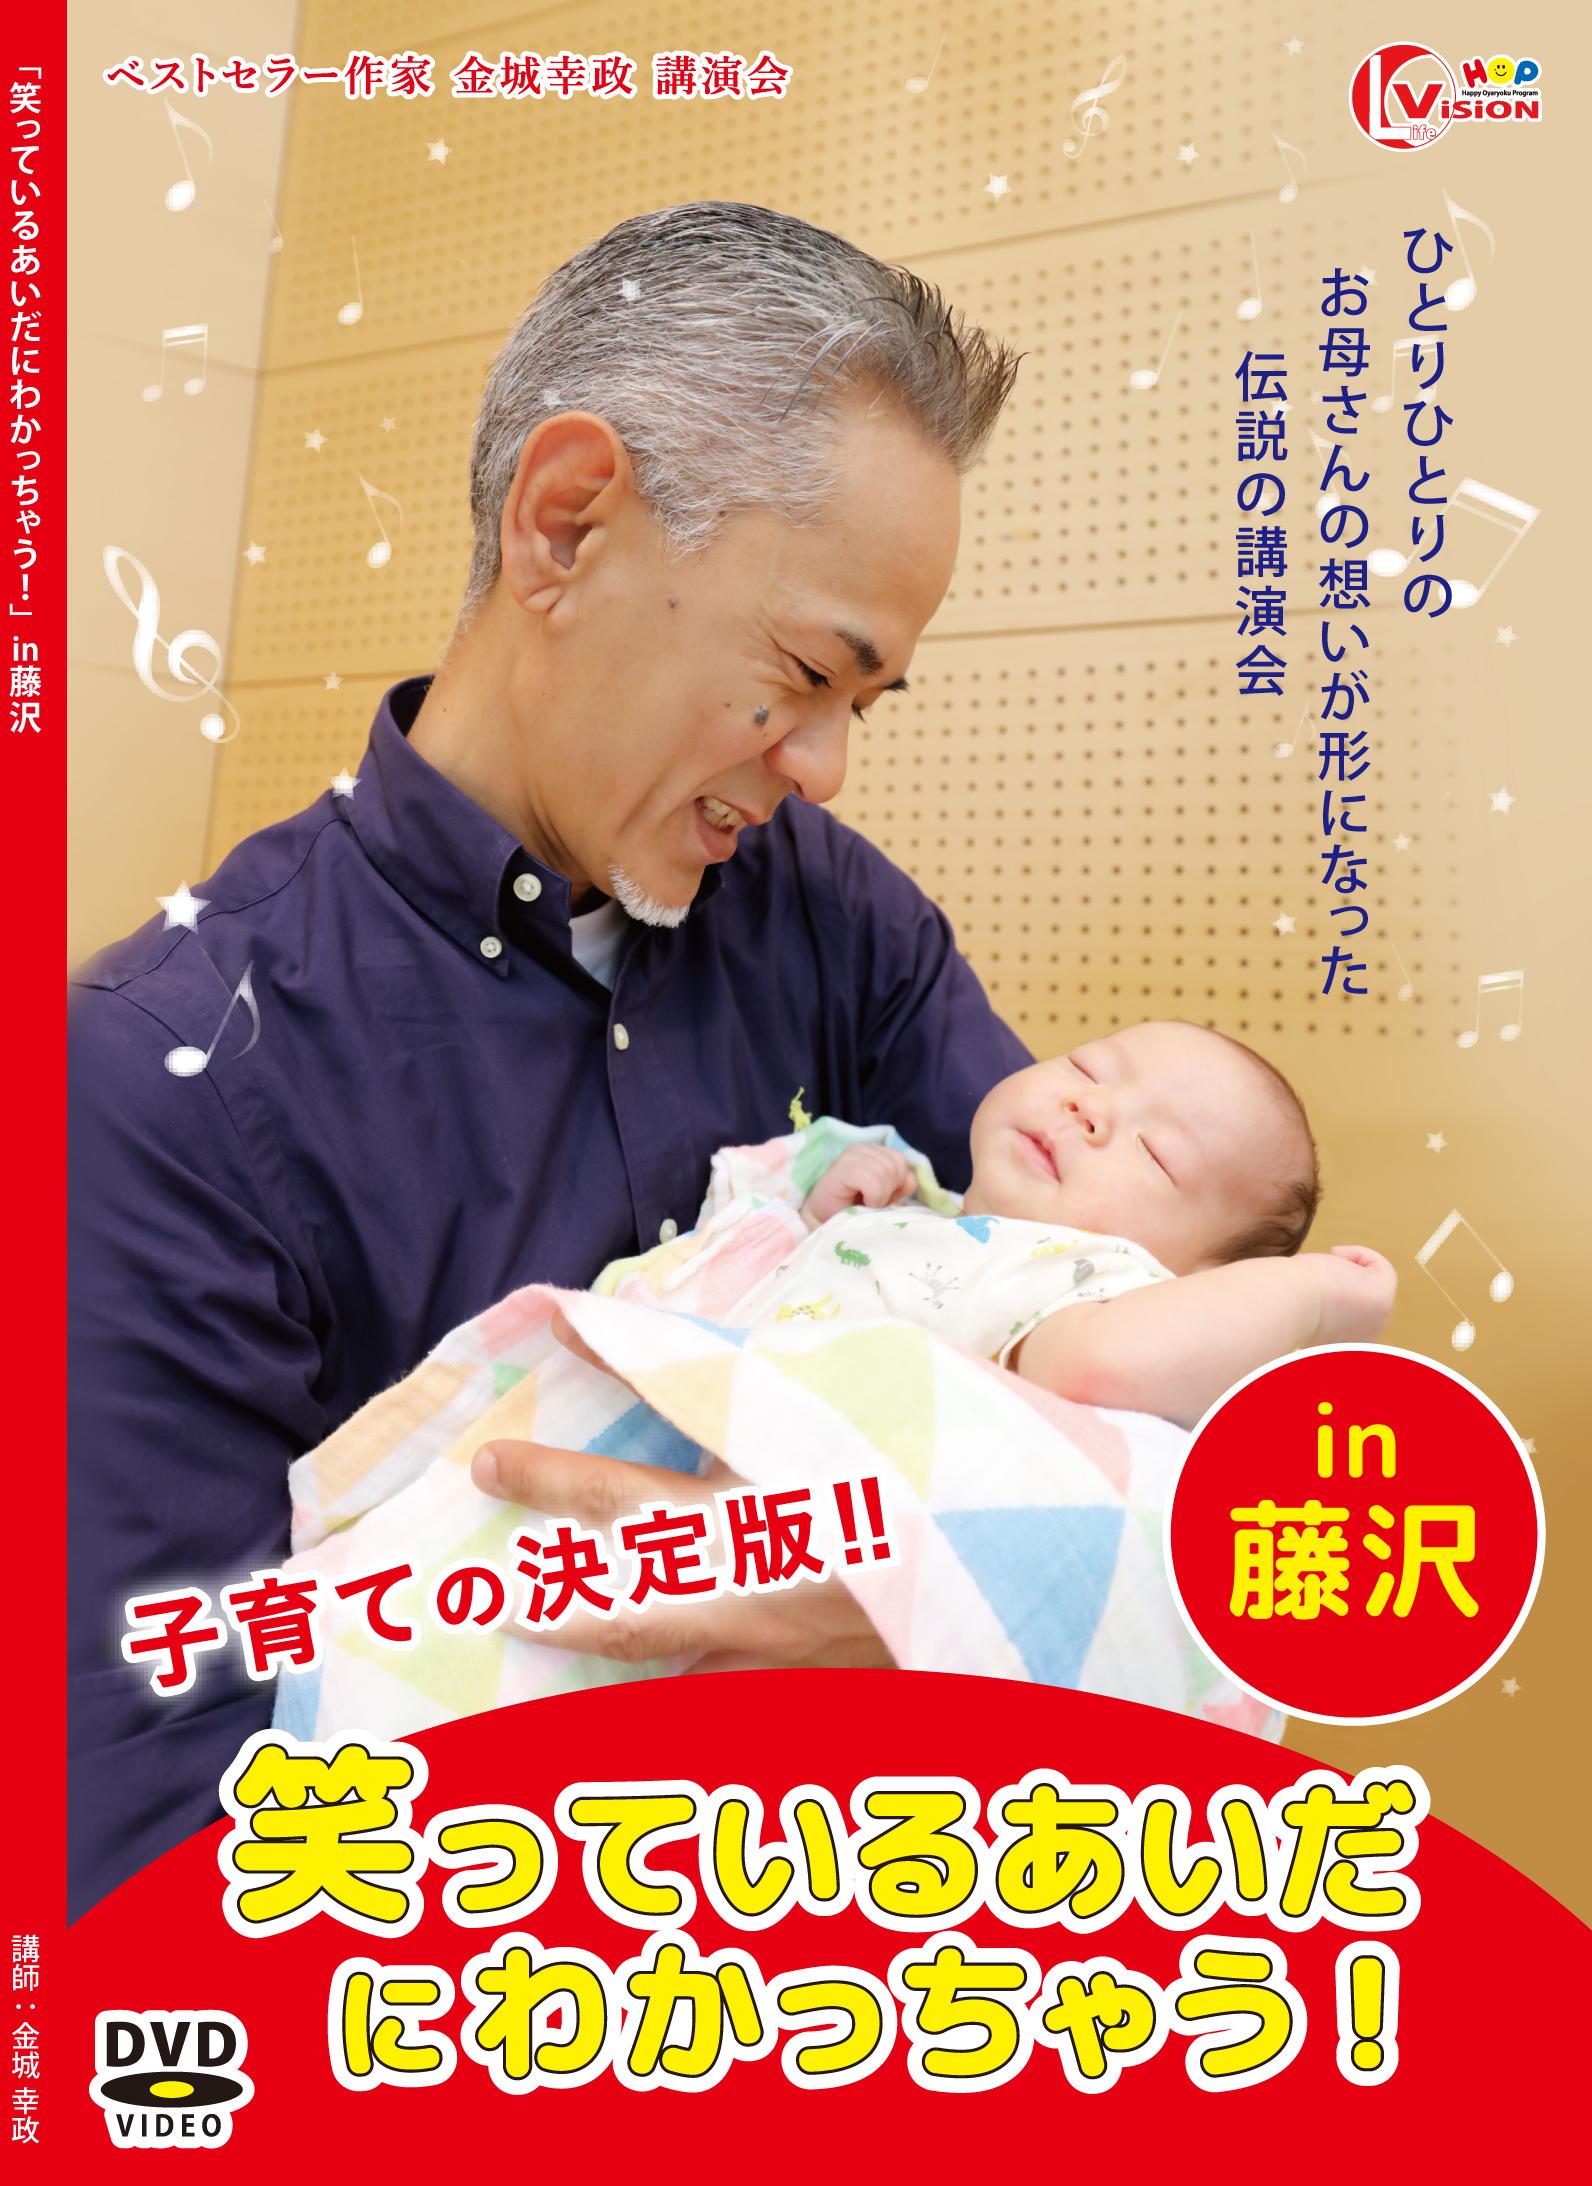 ついに出るよ!!『笑っているあいだにわかっちゃう』in 藤沢講演会DVD!!